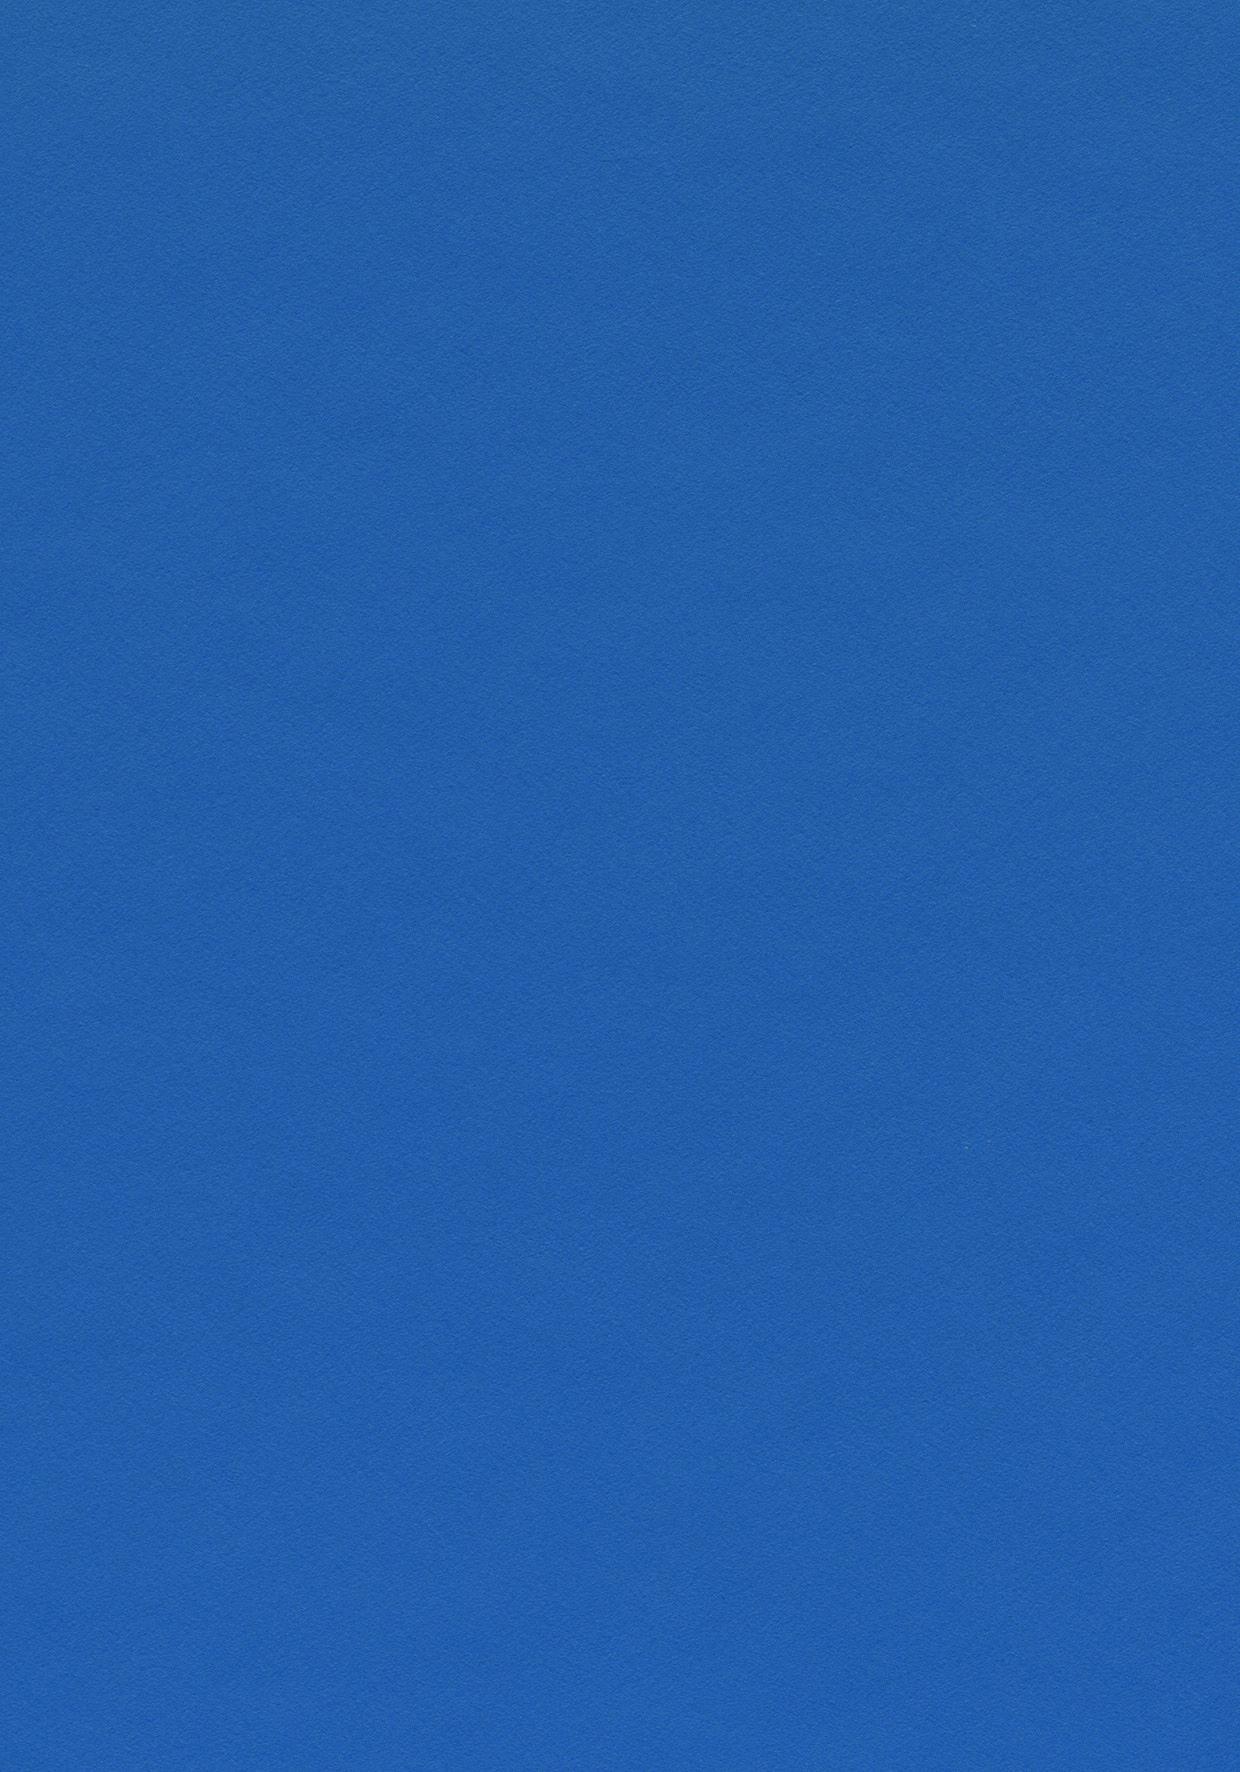 Colour Midnight Blue 4181 Desktop Furniture Linoleum Forbo Forboforfurniture